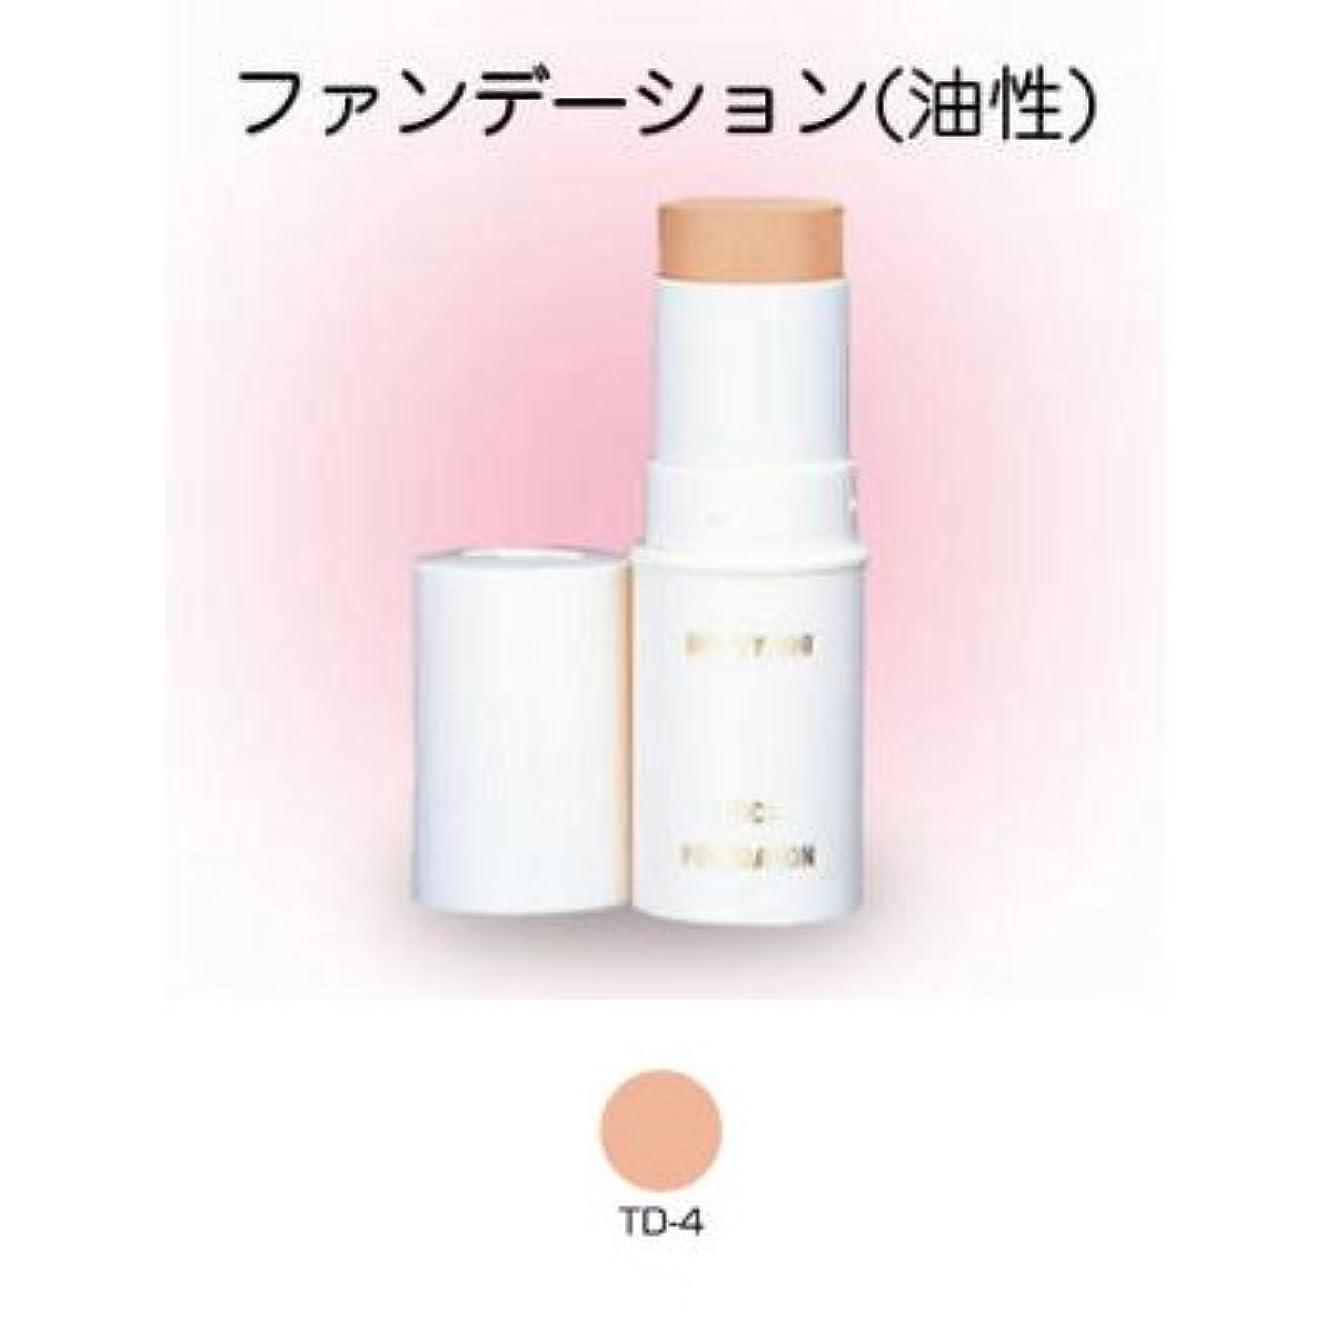 評論家恩恵原稿スティックファンデーション 16g TD-4 【三善】